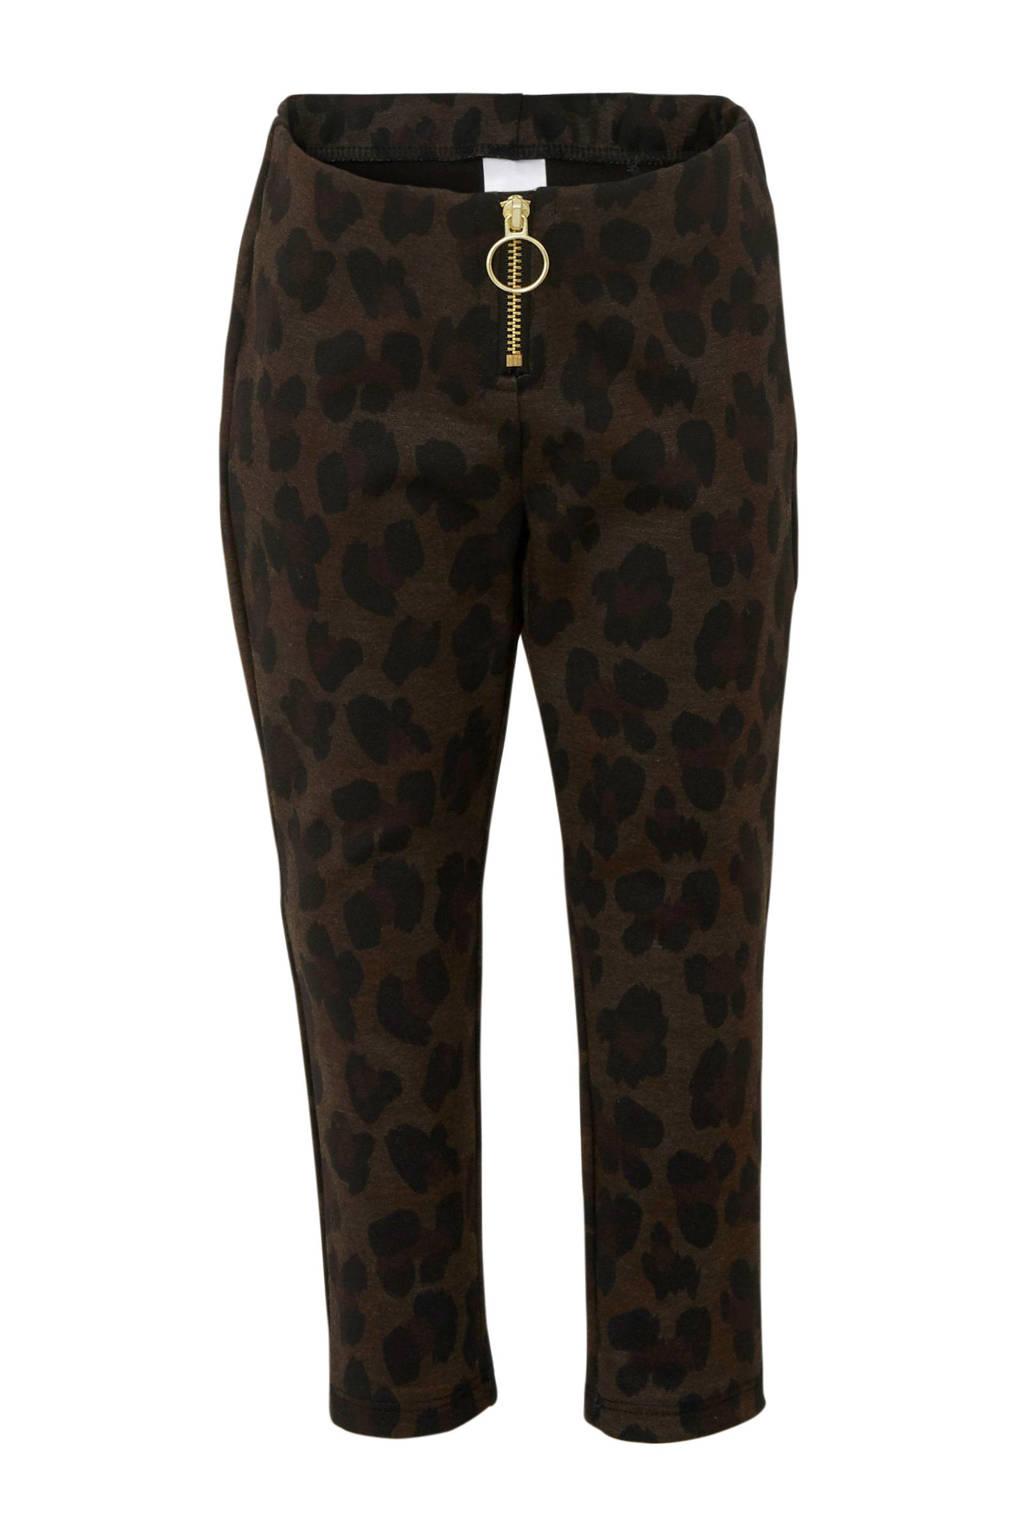 C&A Palomino skinny broek met panterprint bruin, Bruin